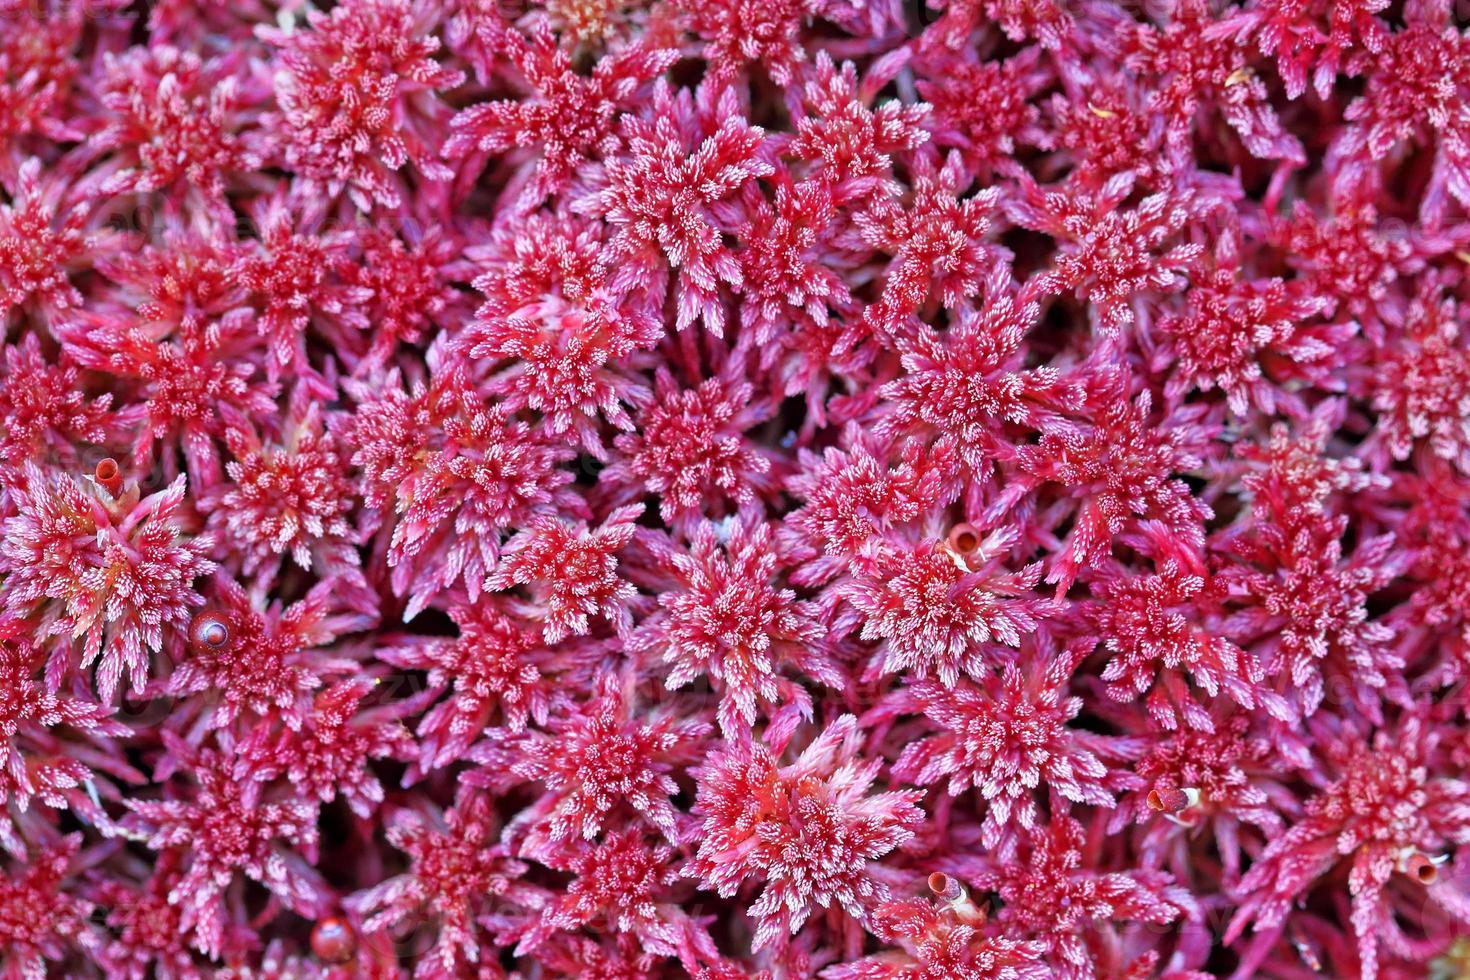 Red lichen photo